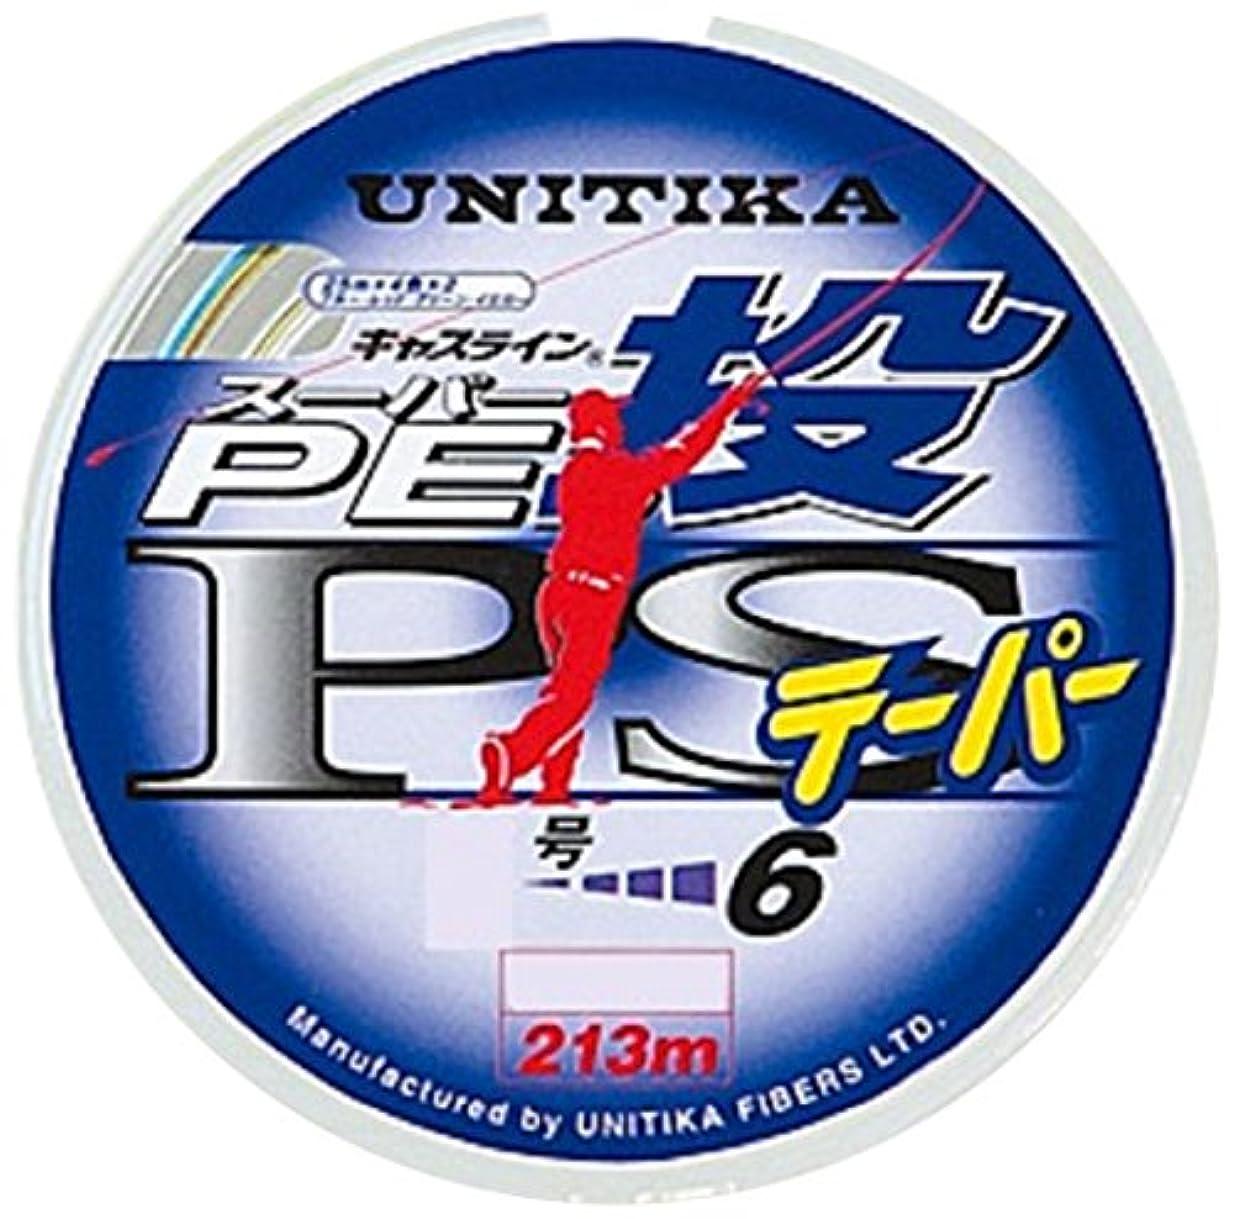 クラシカル内陸リボンユニチカ(UNITIKA) ライン キャスライン スーパーPE投PSテーパー付 213m 0.8~~6号 25m毎に4色分け×2+13m ~